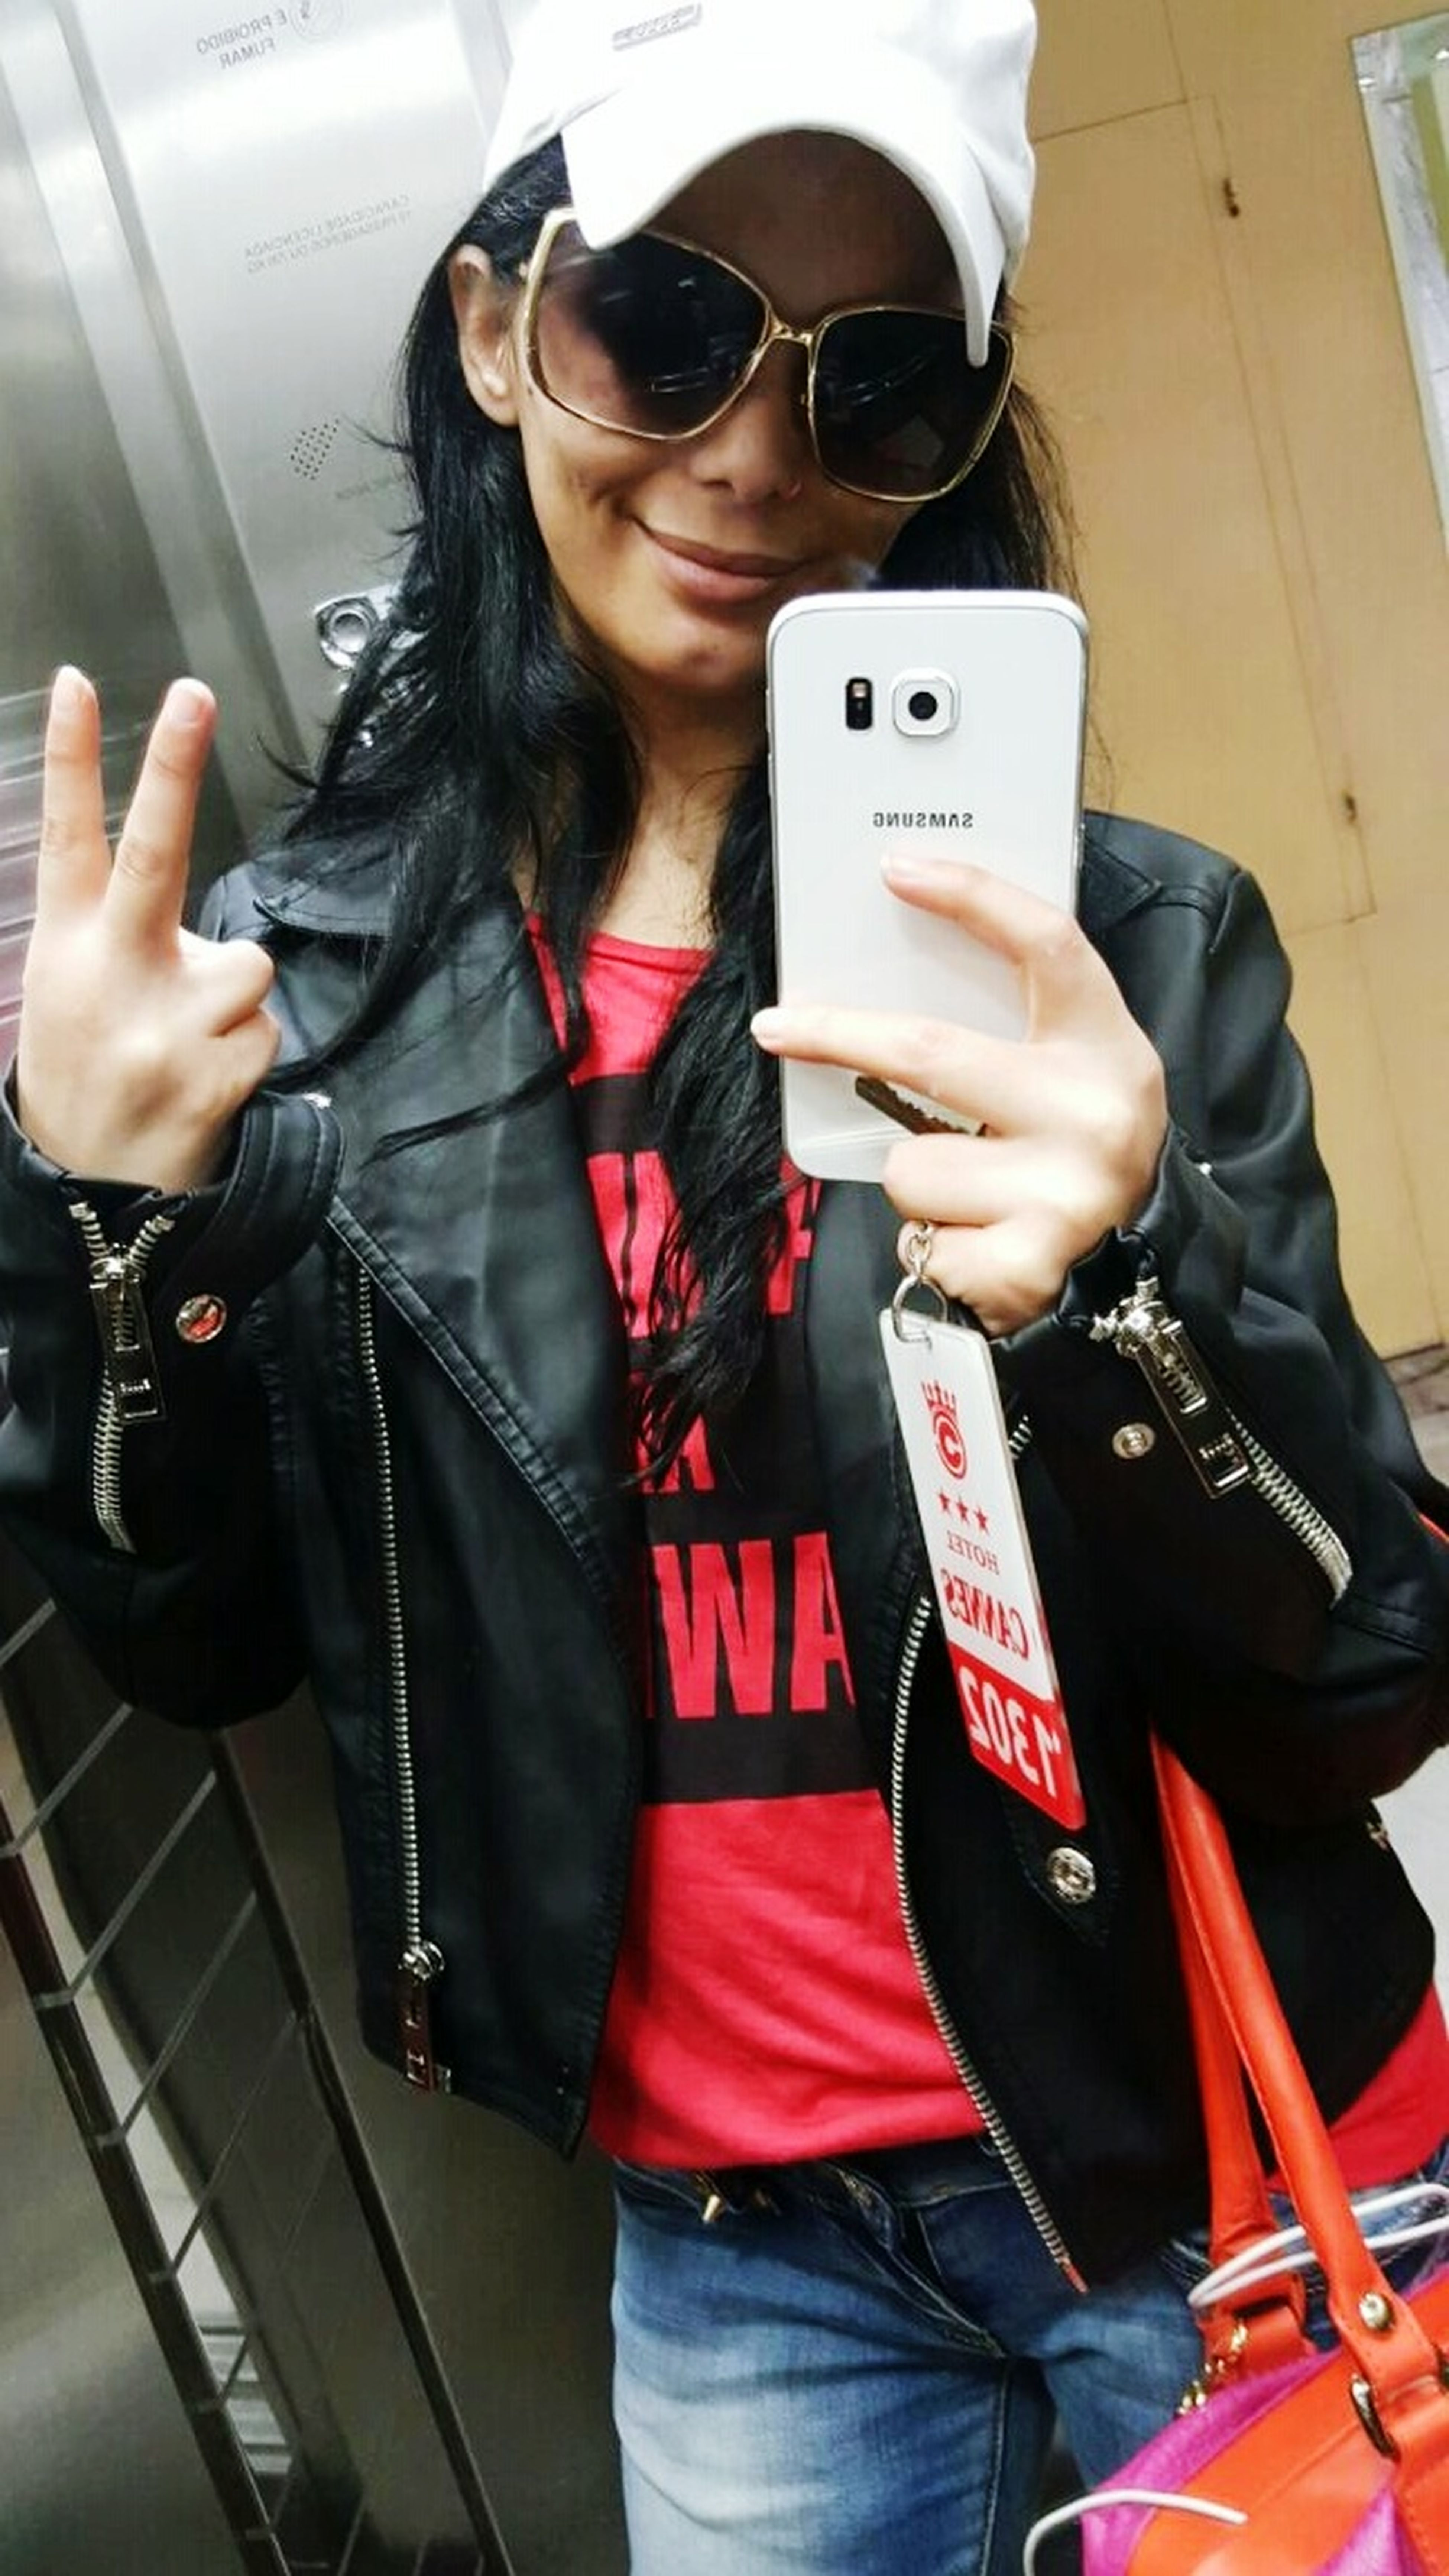 My Stile Rock'n'Roll Ellus ✌ 💚 ✌ 💛 ✌